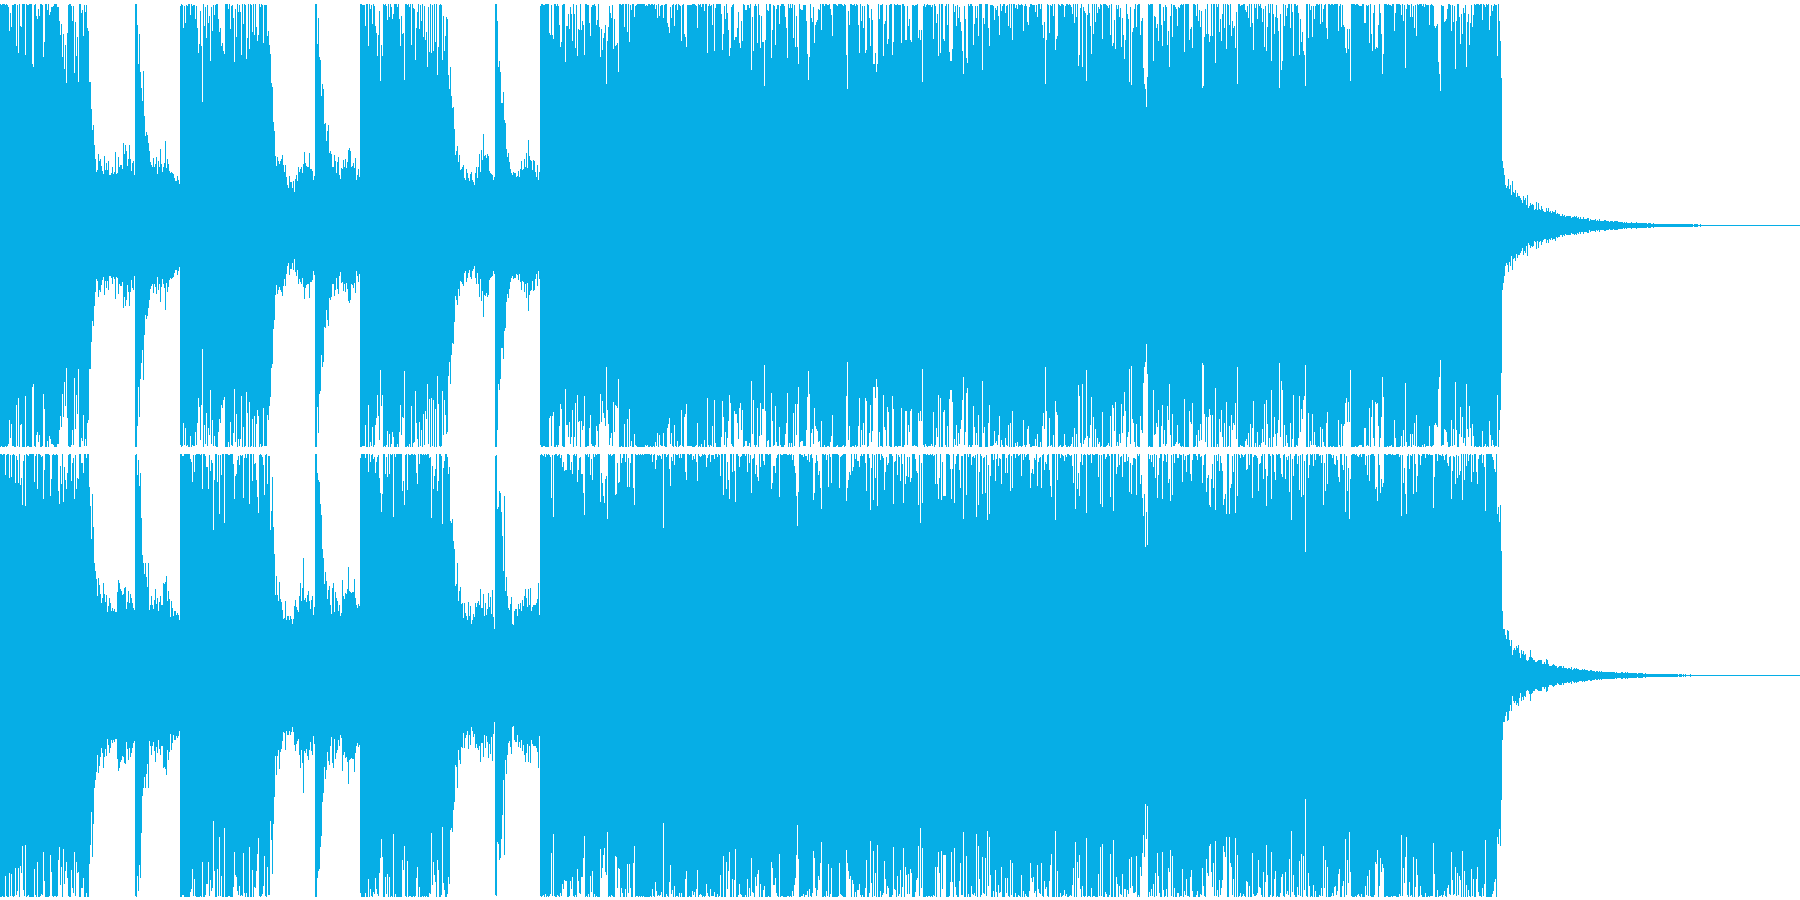 粗暴でダークなへヴィメタルジングルの再生済みの波形